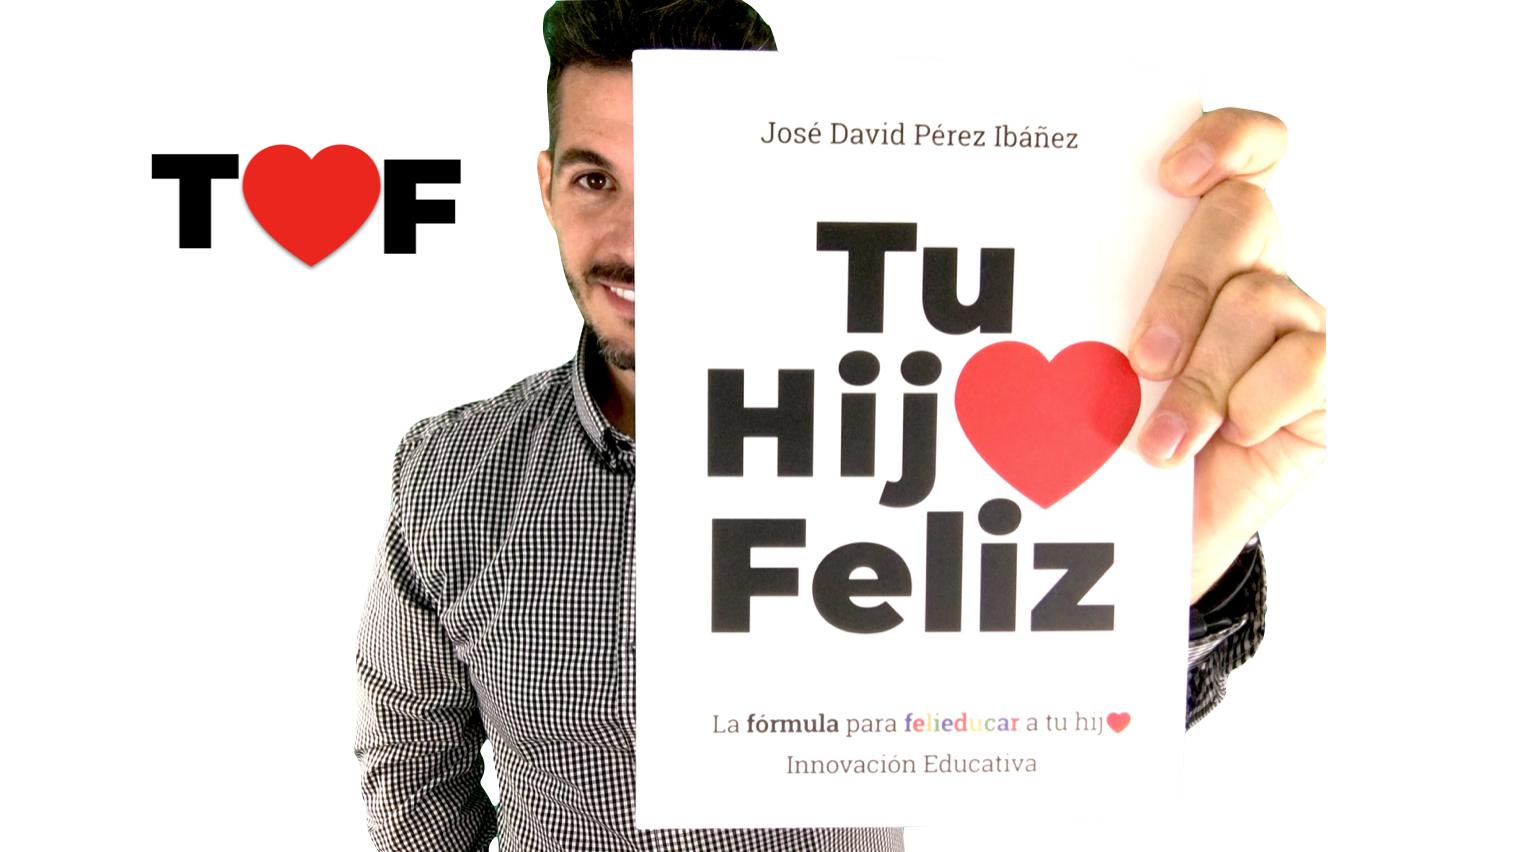 José David Pérez, autor del libro Tu hijo feliz (tuhijofeliz.com) 3